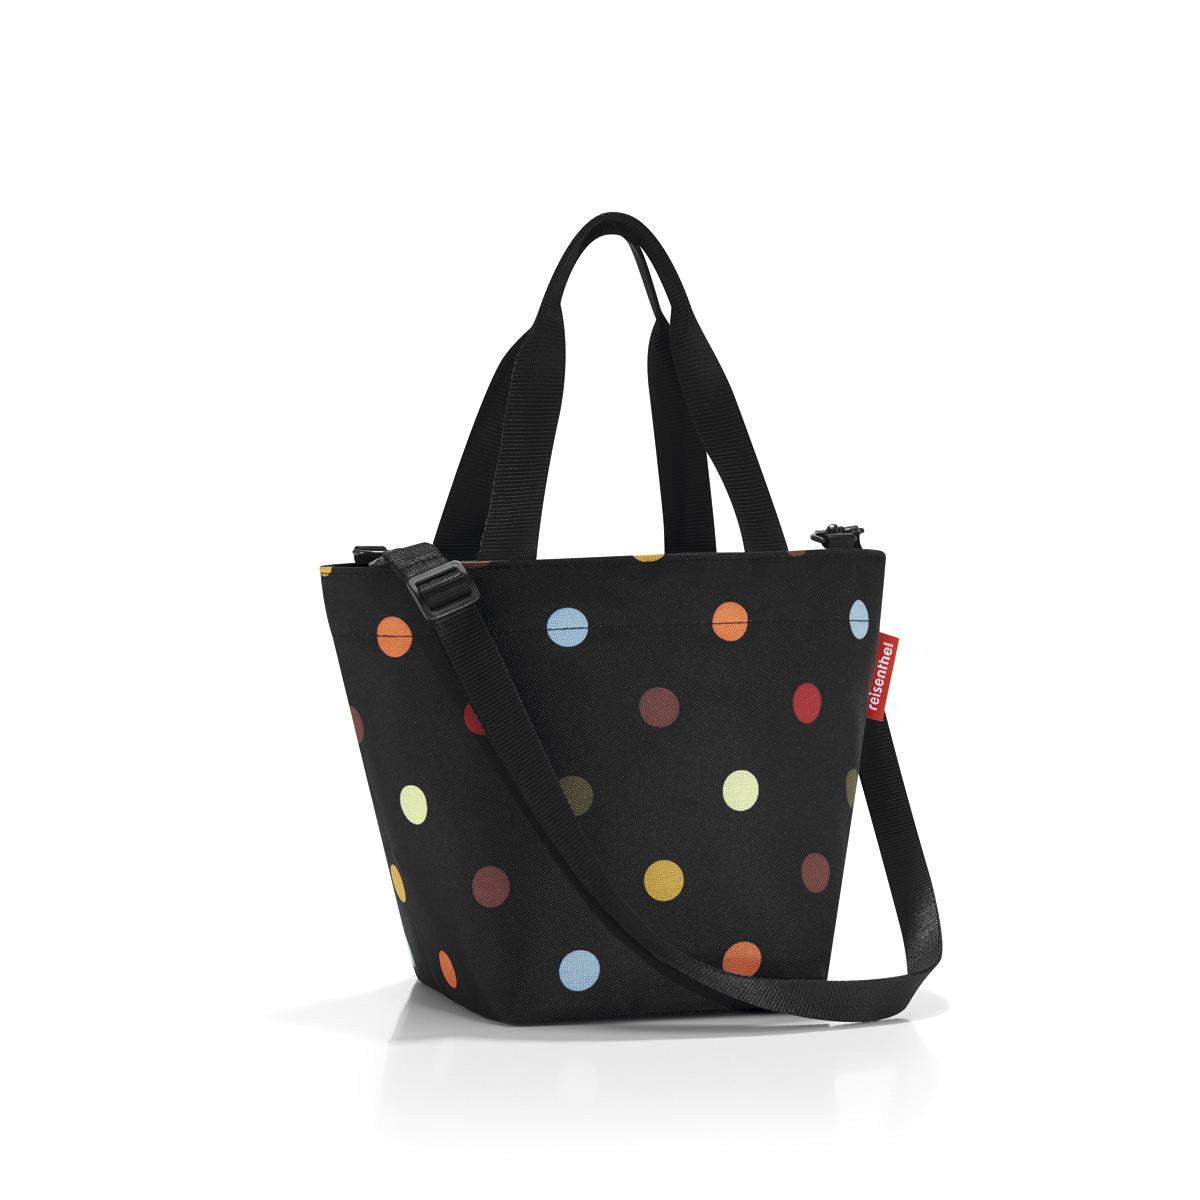 Сумка-шоппер женская Reisenthel Shopper XS dots, цвет: черный. ZR7009ZR7009Симпатичная сумка для повседневного использования: широкие удобные лямки для переноски в руках и удобный плечевой ремешок с регулируемой длиной, который можно отстегнуть.Объем 4 литра позволяет вместить все необходимые мелочи. Застегивается на молнию. Внутри - кармашек на молнии.